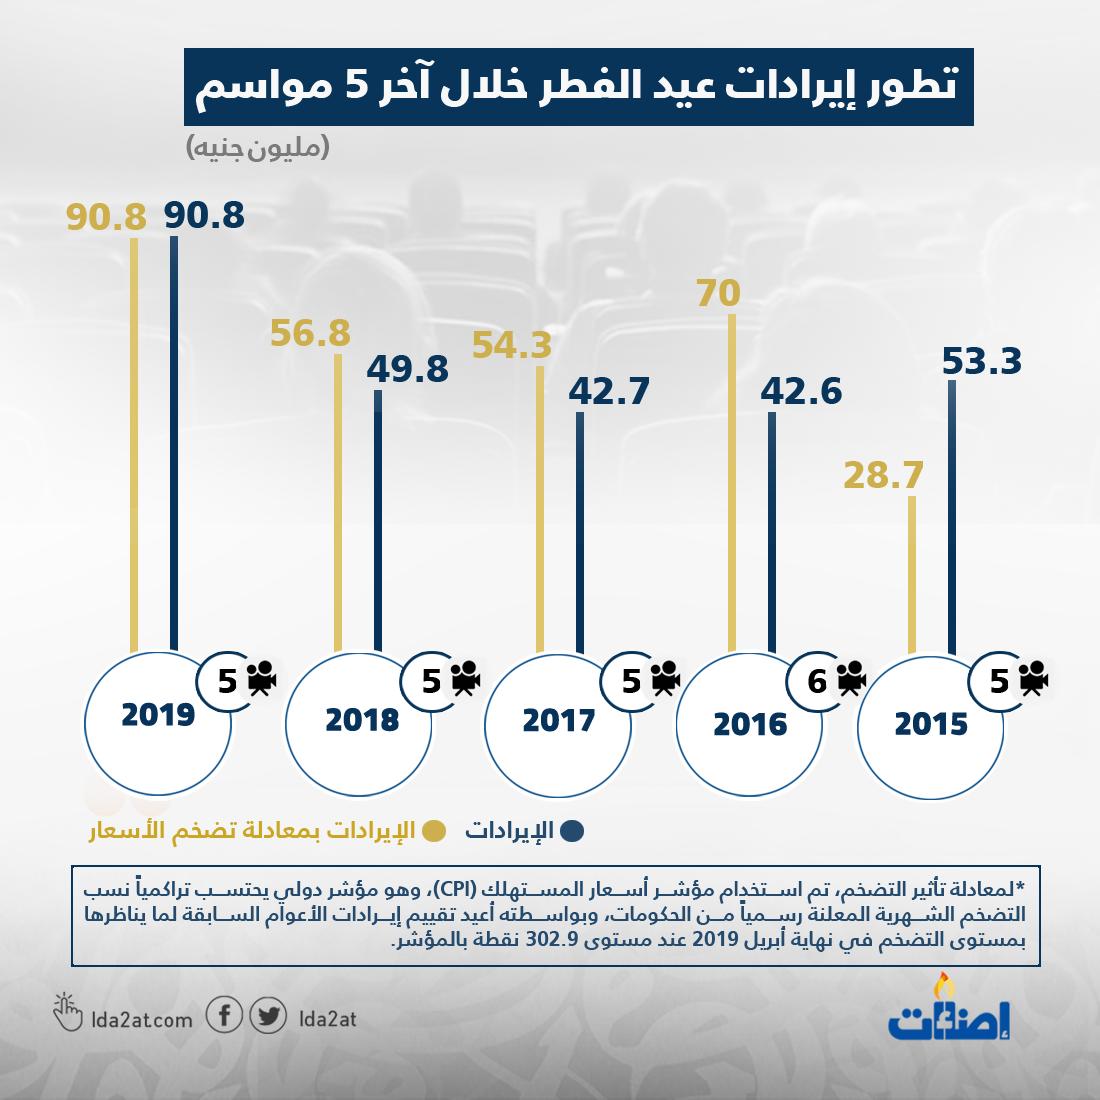 أفلام عيد الفطر, أفلام, إحصائيات, مصر, سينما